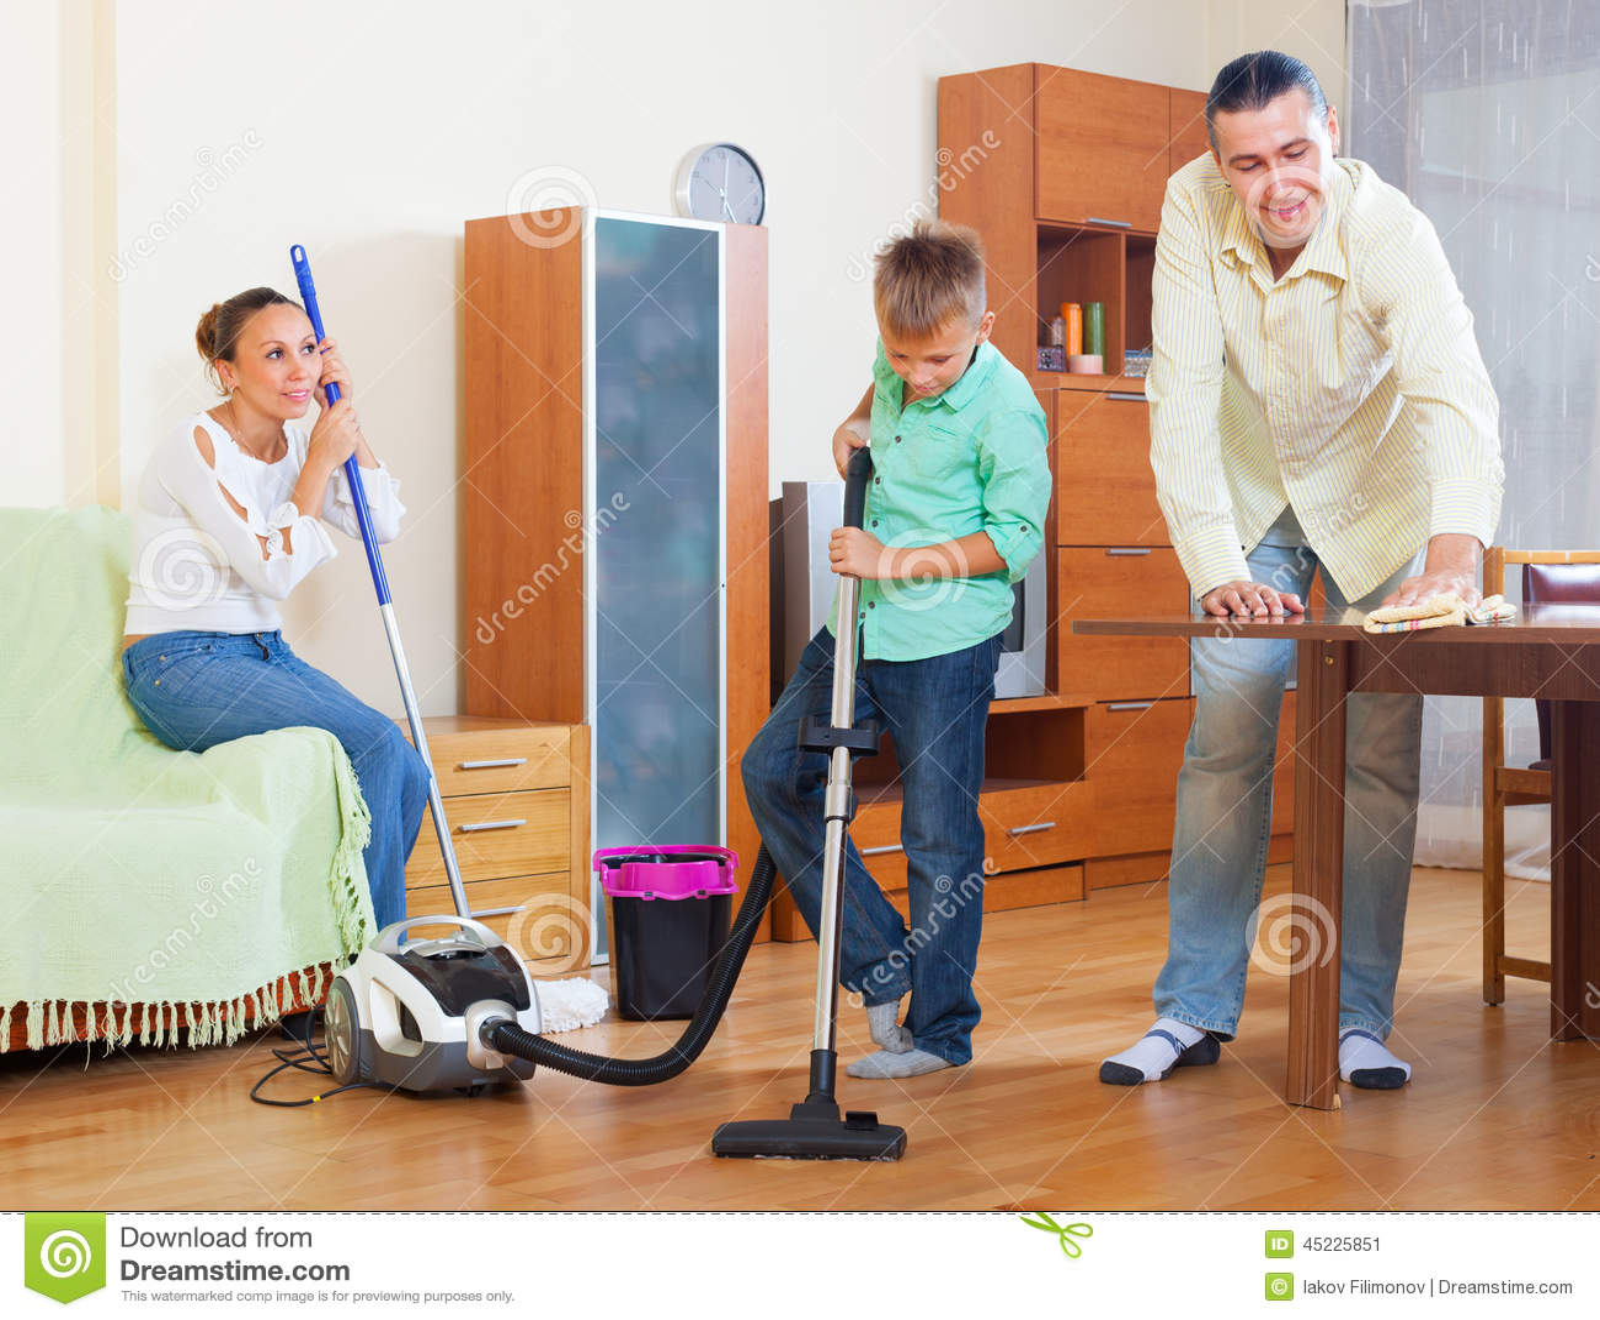 Familia ordinaria que hace la limpieza de la casa foto de - Limpieza en casa ...